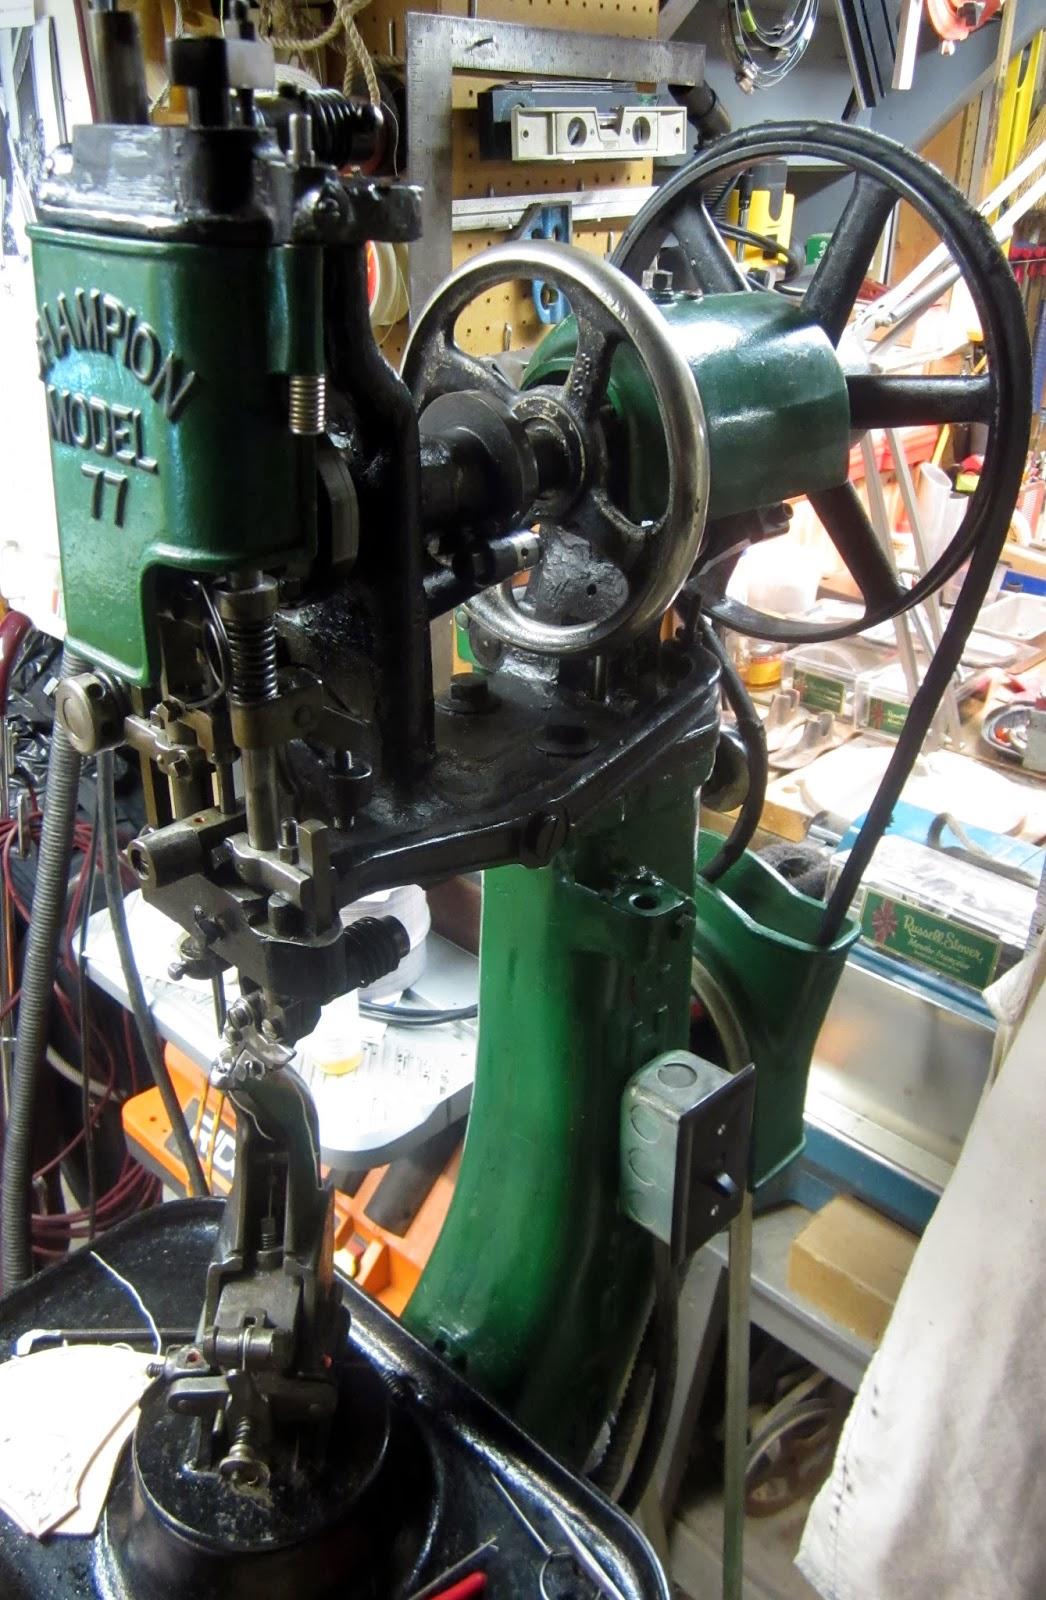 MI Vintage Sewing Machines: McKay Champion 77 Stitcher (19??)